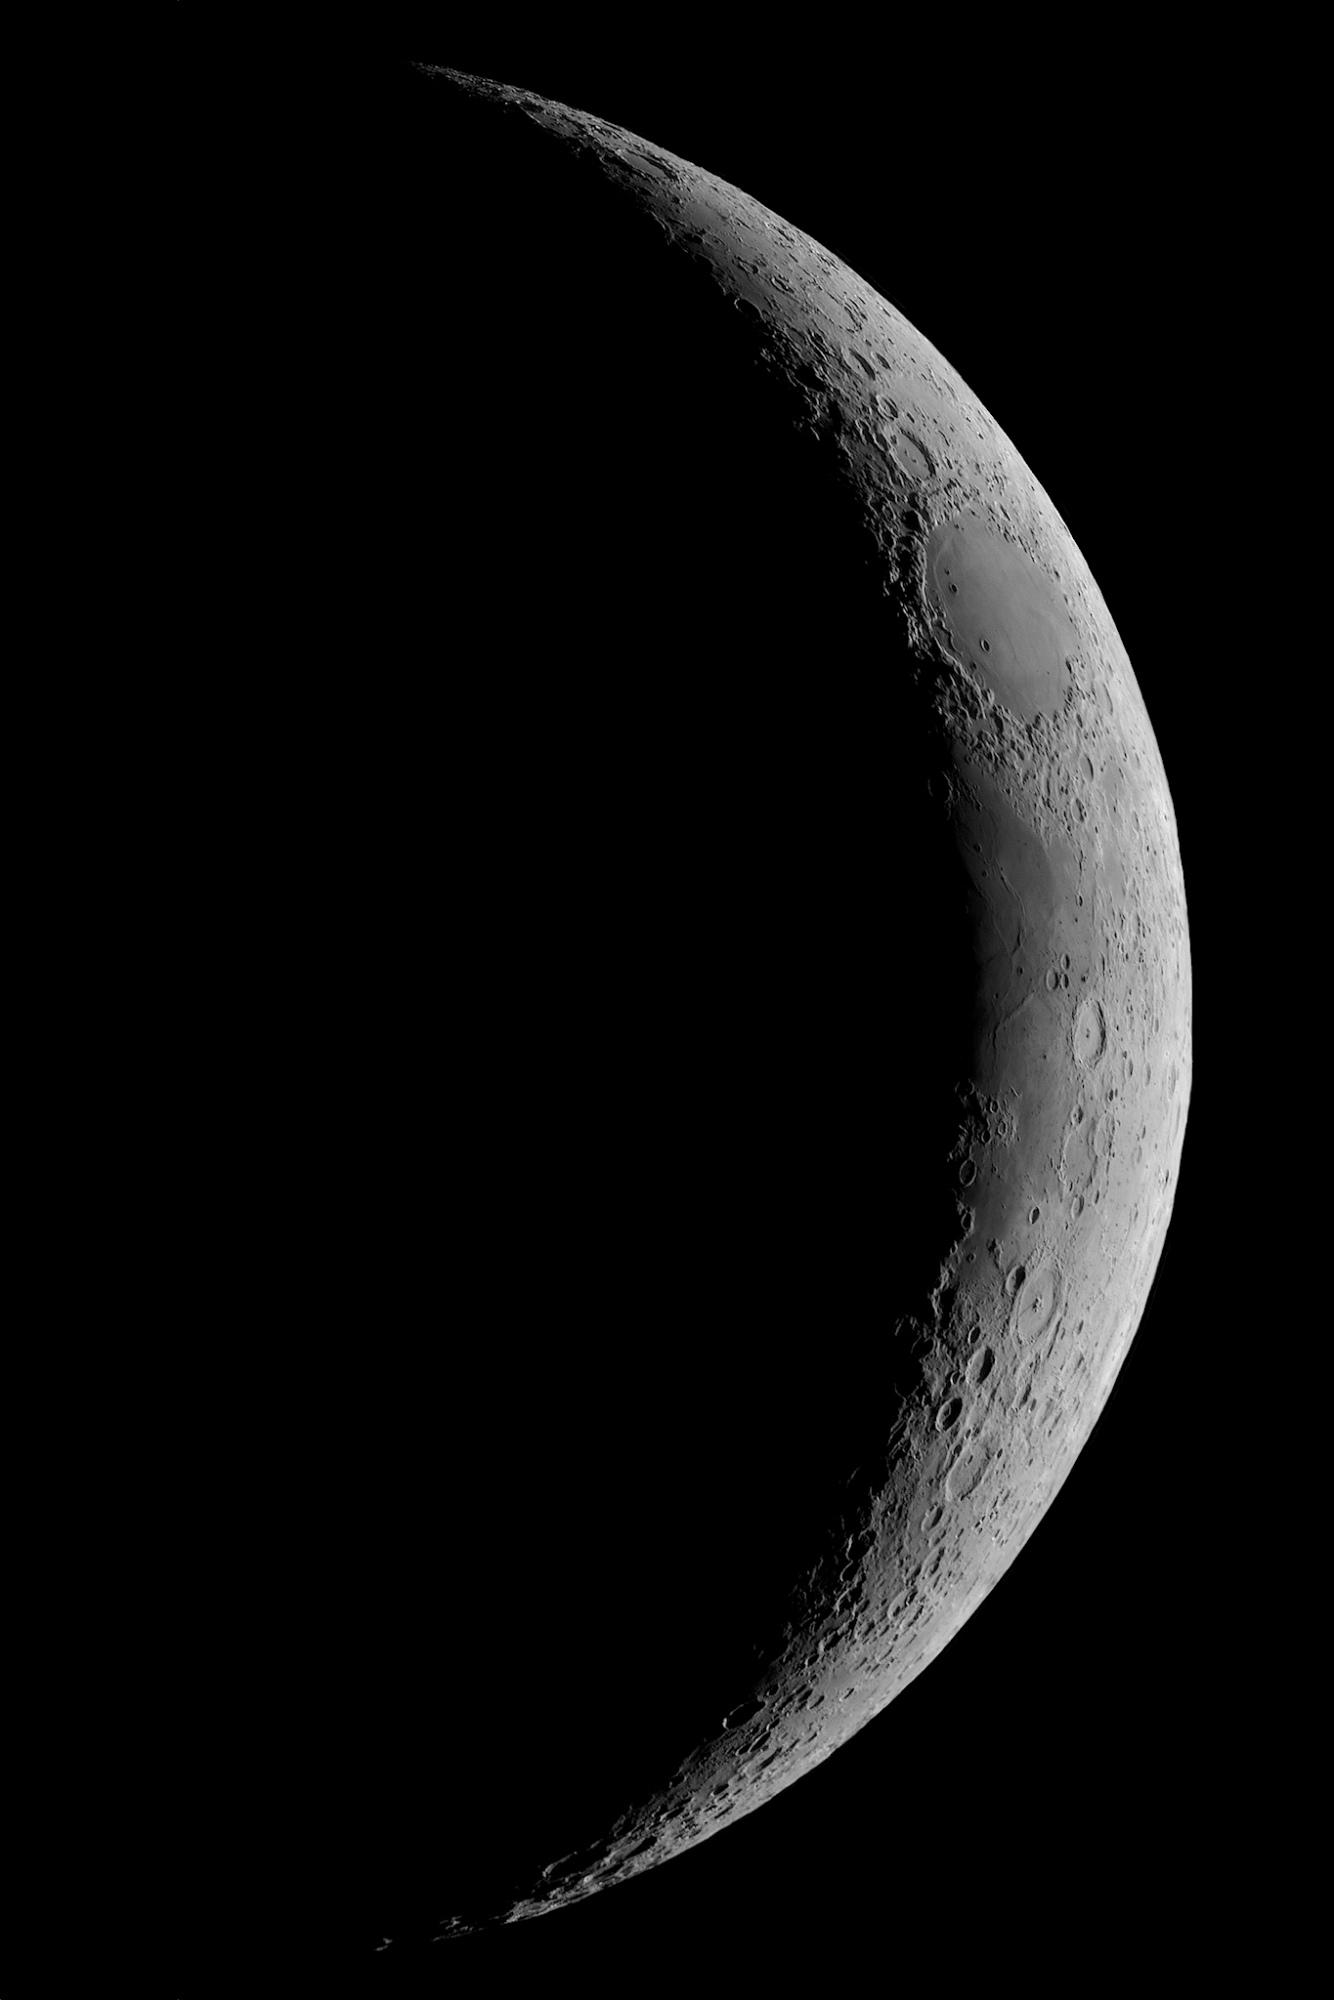 Lune-2020-07-24-ef400-barlow3x-2048px.thumb.jpg.4ff800116a7d445111894e3d4daad0f6.jpg